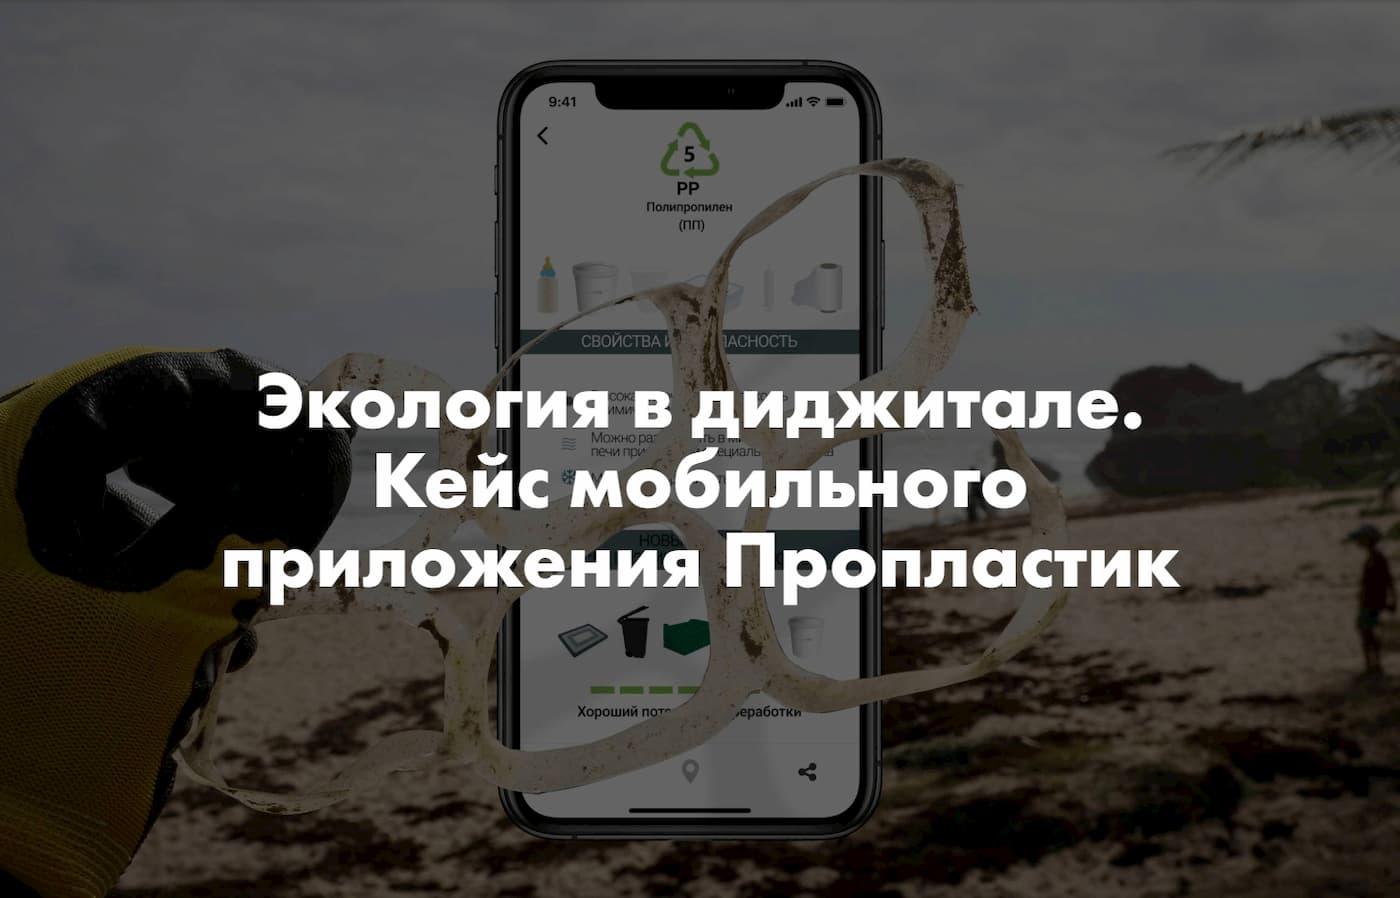 Кейс мобильного приложения Пропластик